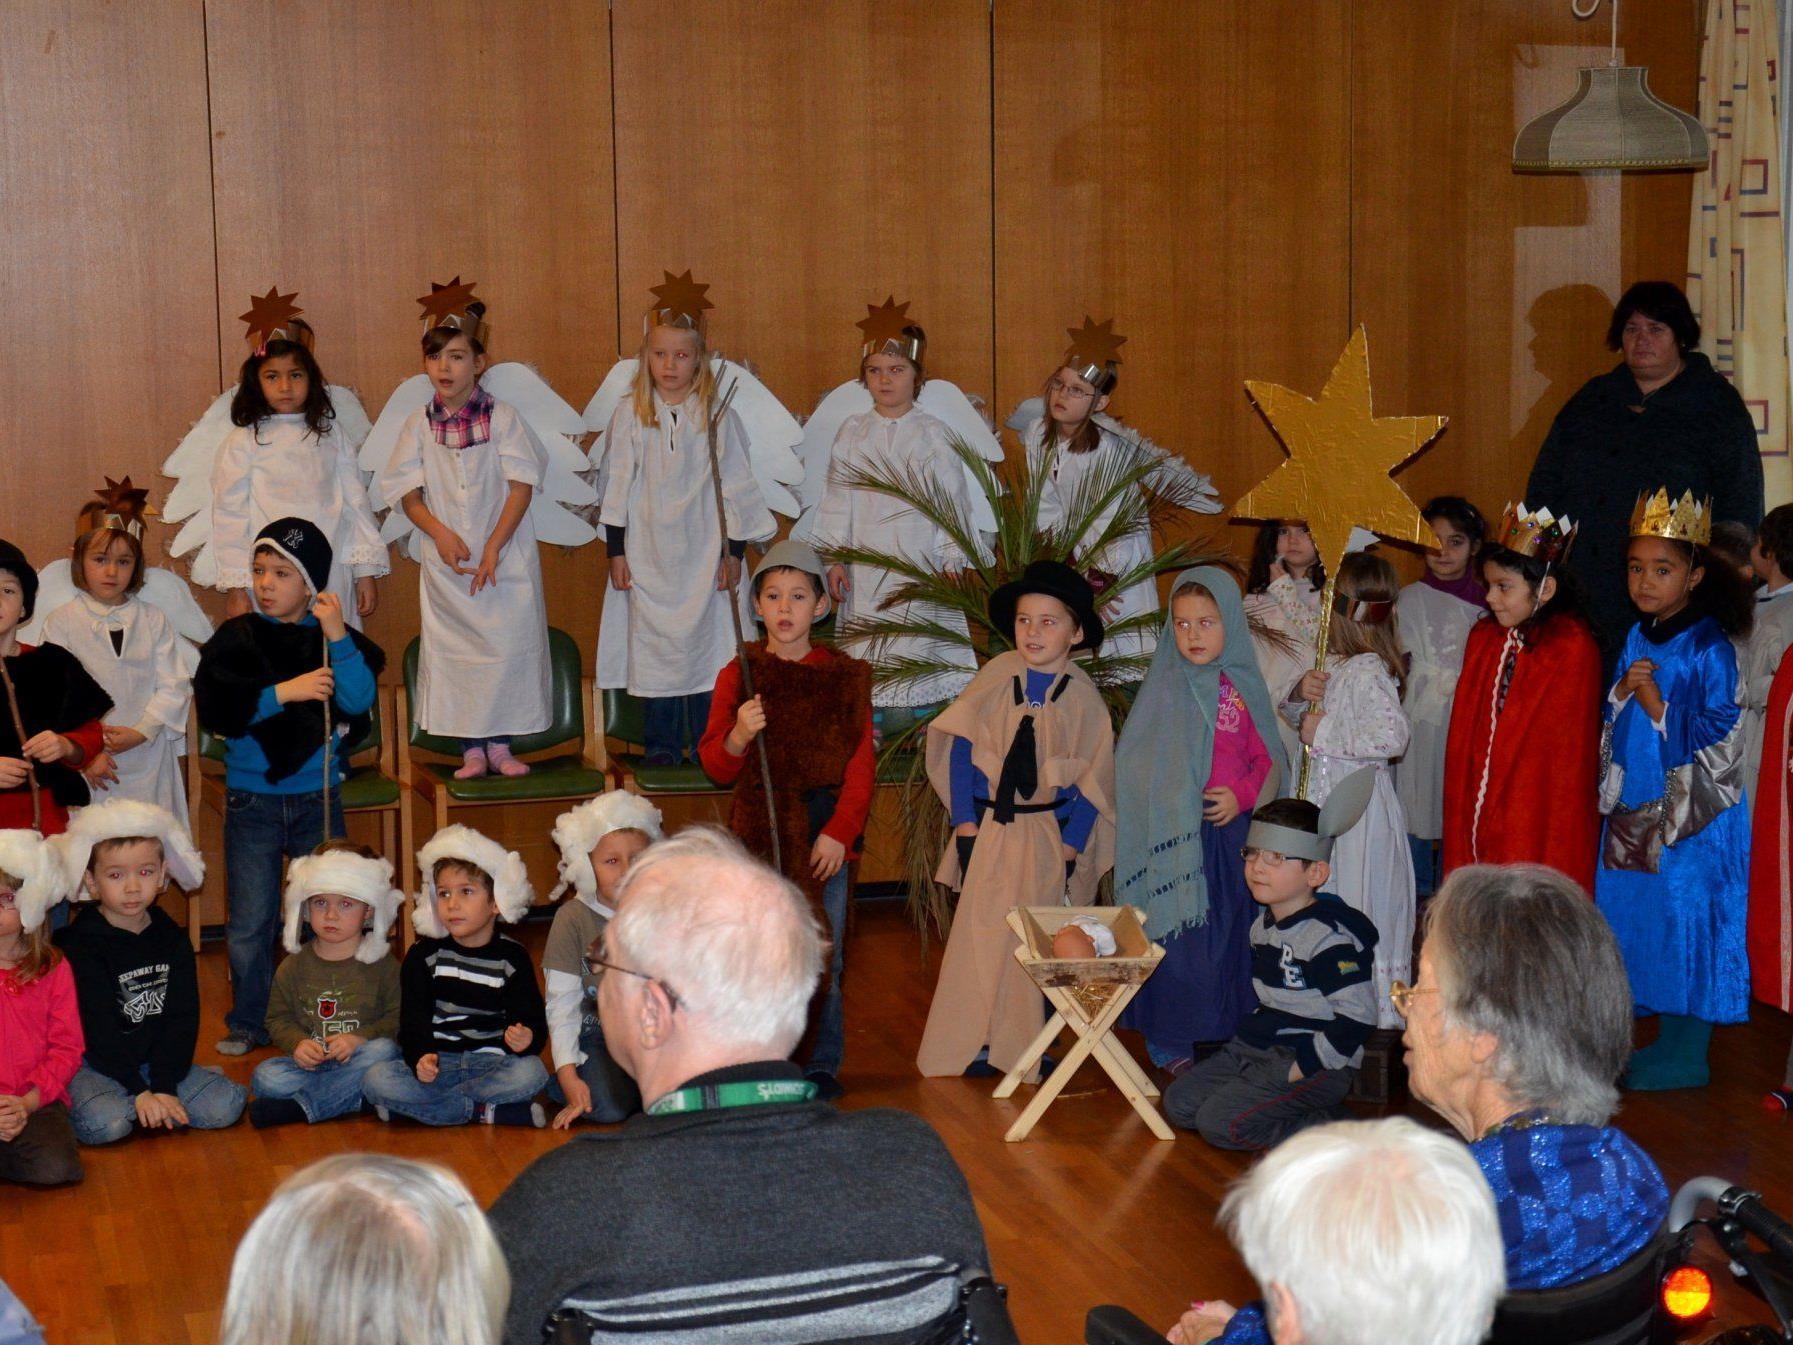 Für die kleinen Schauspieler auf der Bühne gab es viel Applaus.